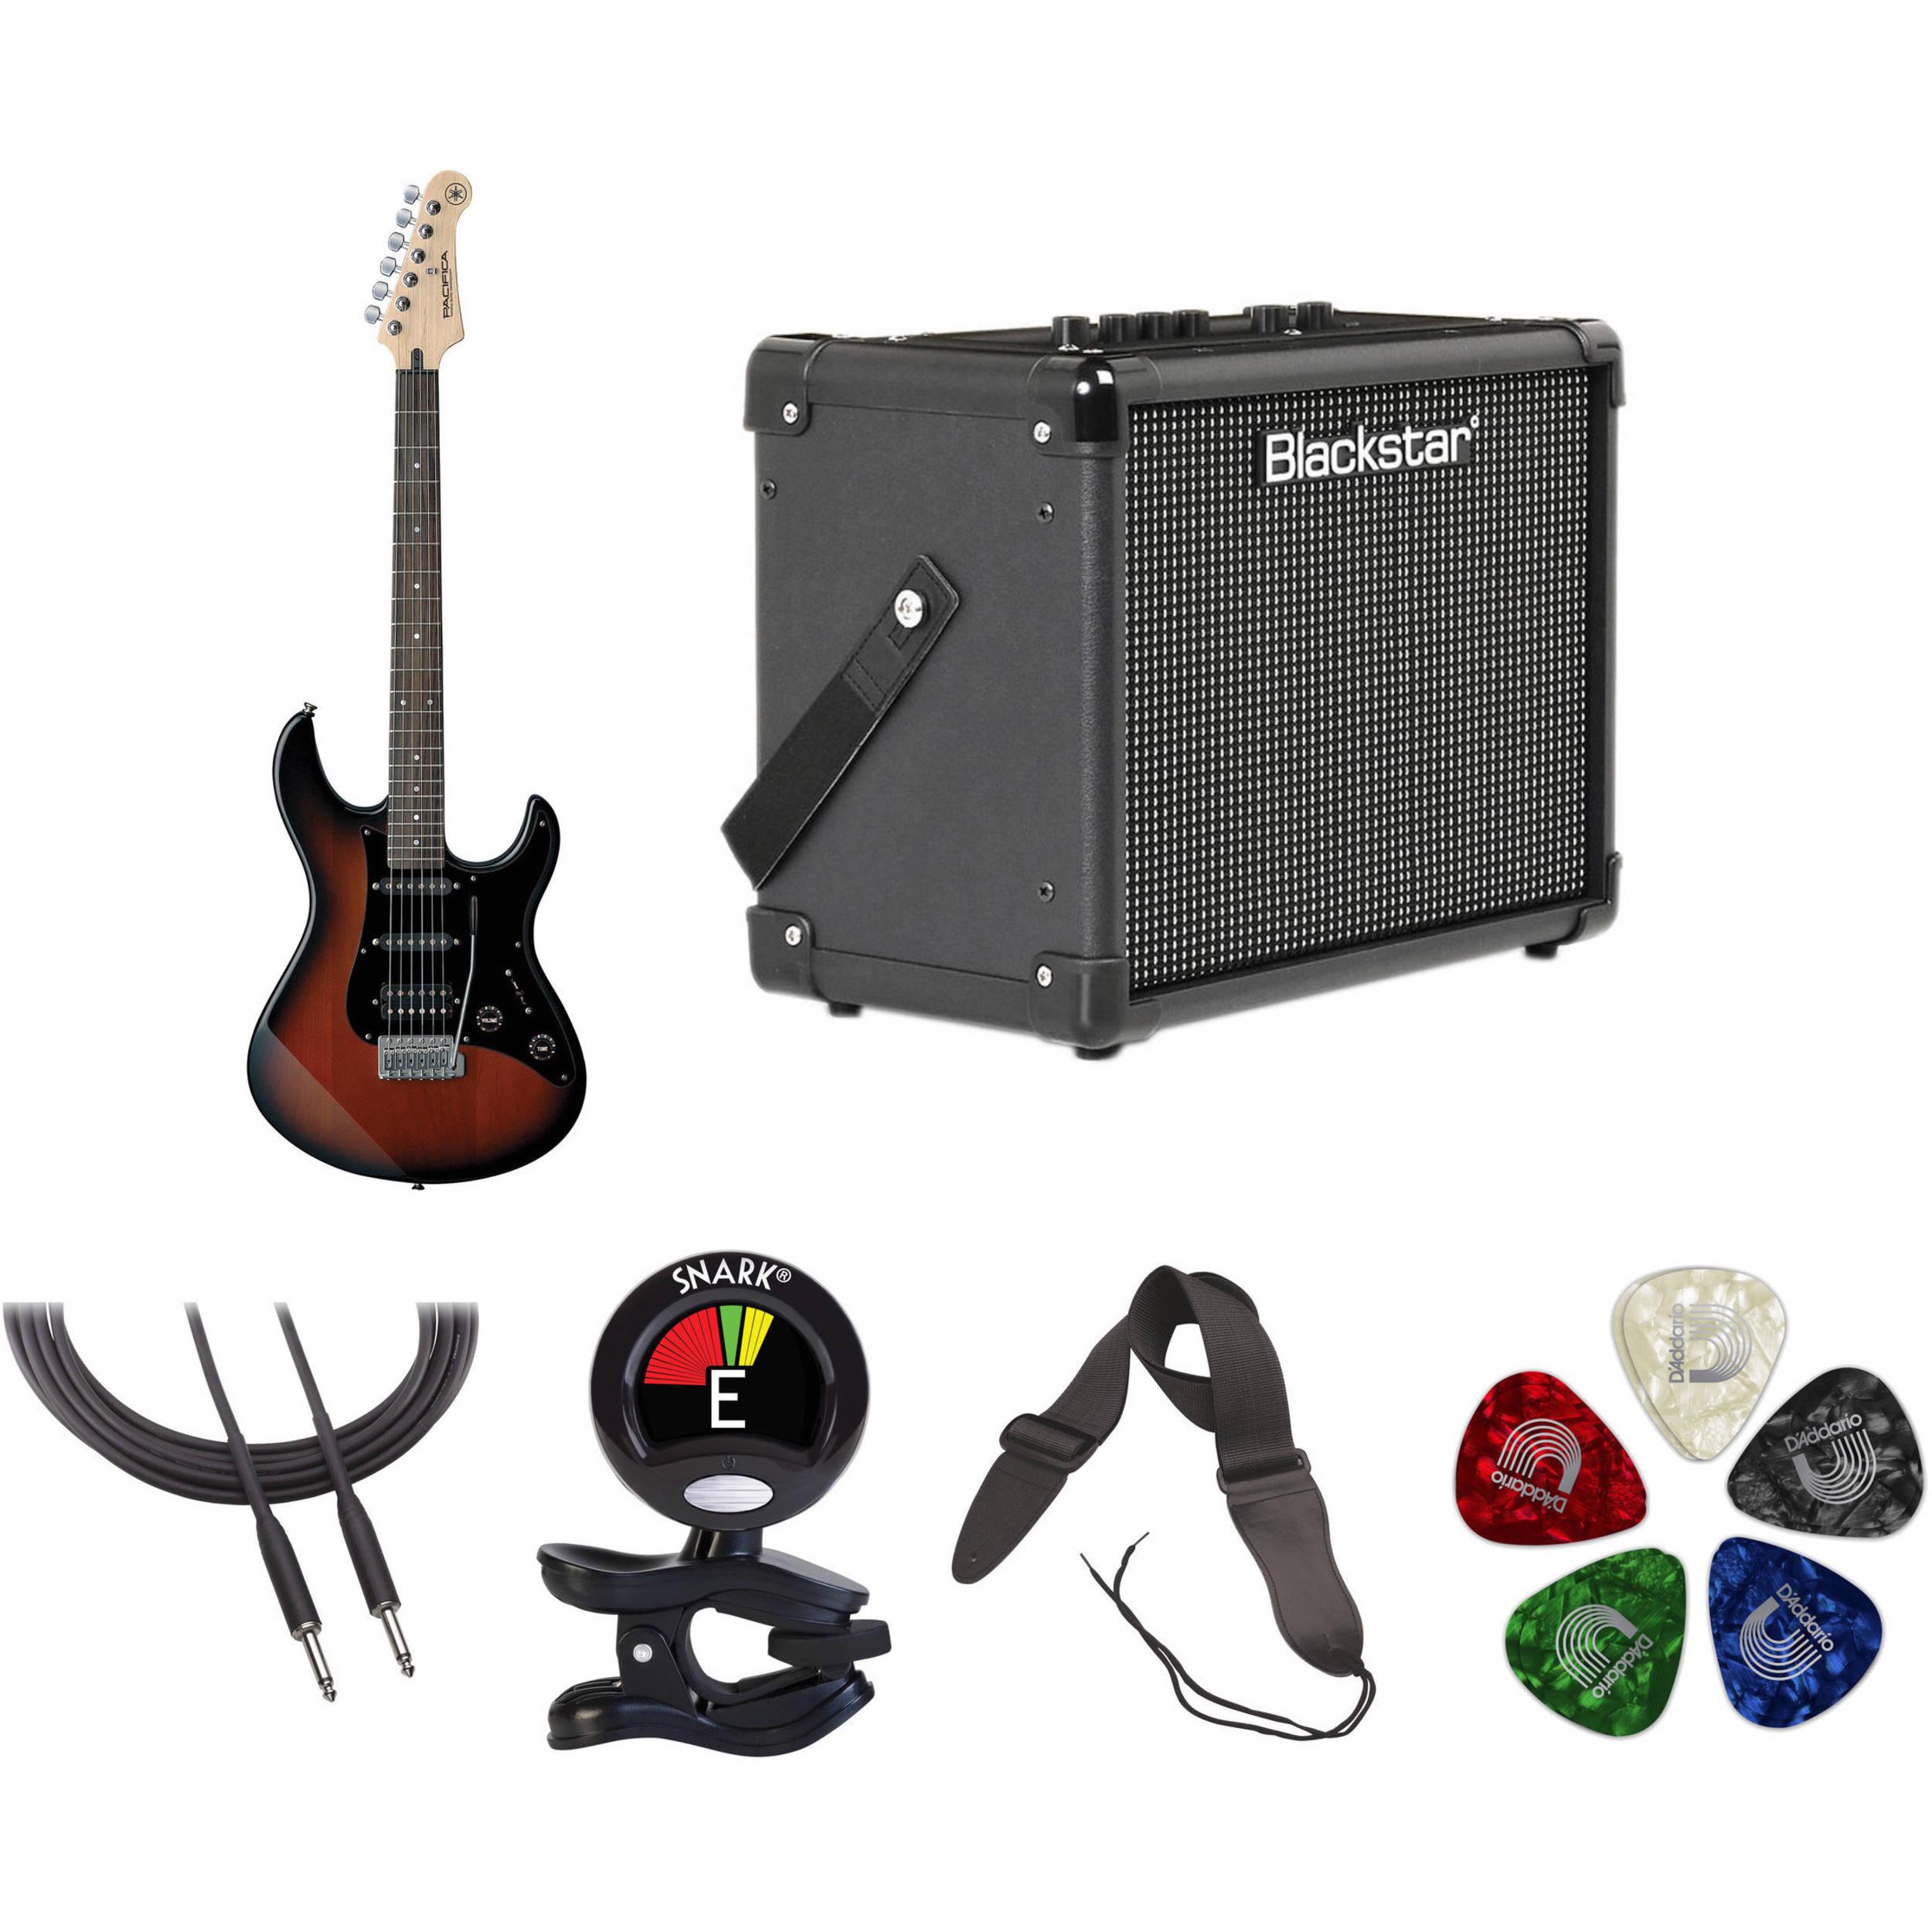 Yamaha Electric Motor Kit: Yamaha Pacifica PAC012DLX Electric Guitar Starter Kit B&H